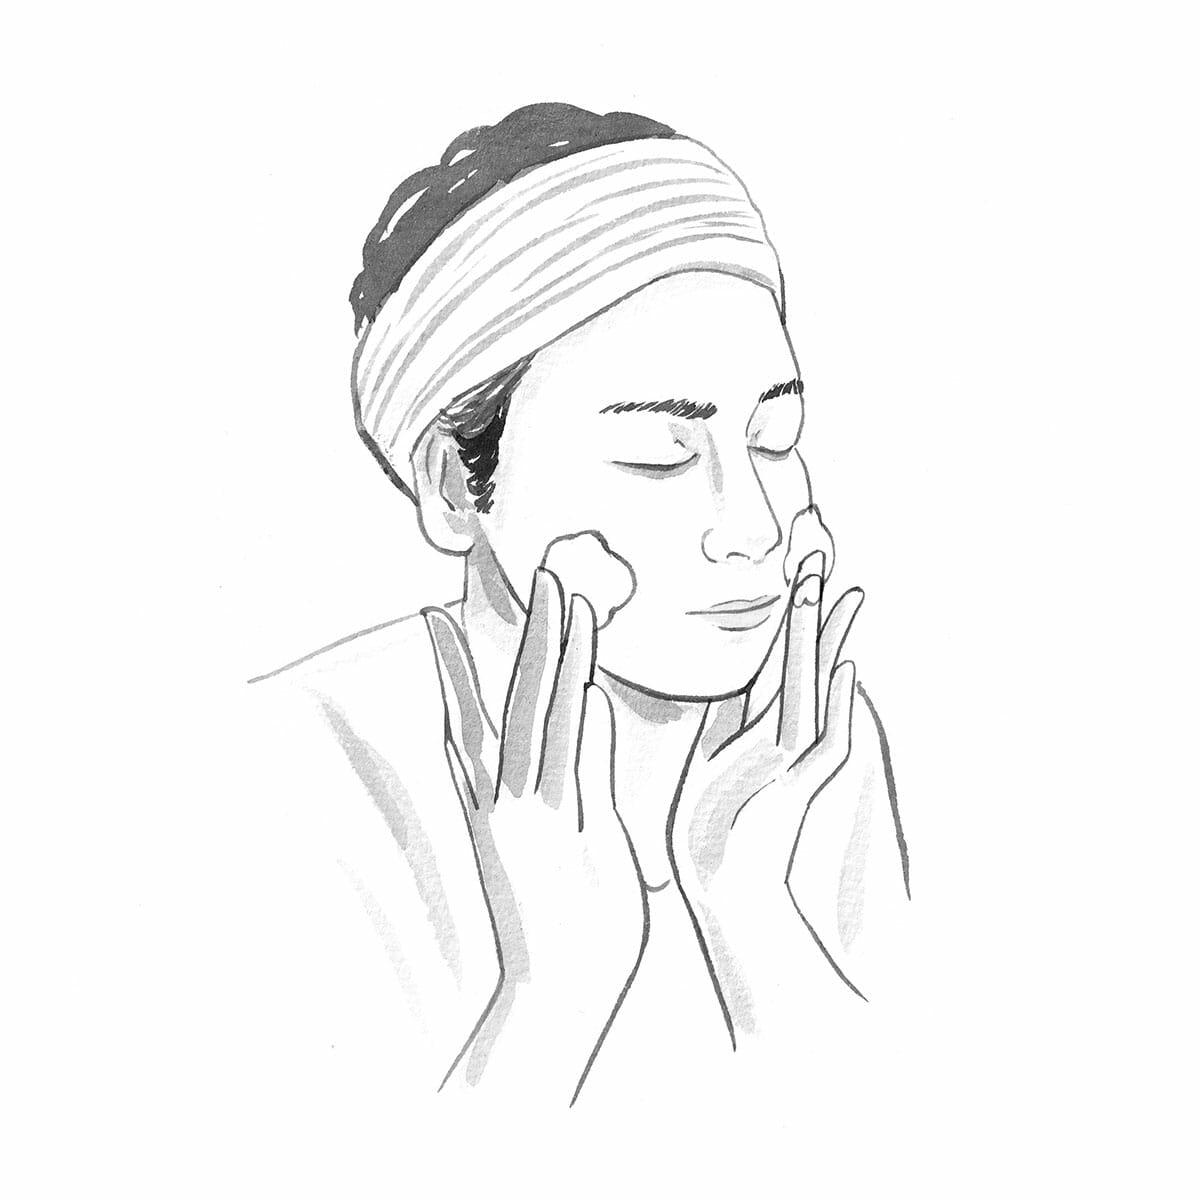 2.中指と薬指のみで洗う。洗顔の際、指の第1関節の腹部分で円を描きながら、泡を転がすような感じで洗うが、この時に使う指は、人差し指ではなく、中指と薬指がおすすめ。その理由は、人差し指は日常生活での使用頻度が高いため、指先の皮膚が硬くなっているから。敏感な皮膚のマッサージには向いていないのだ。